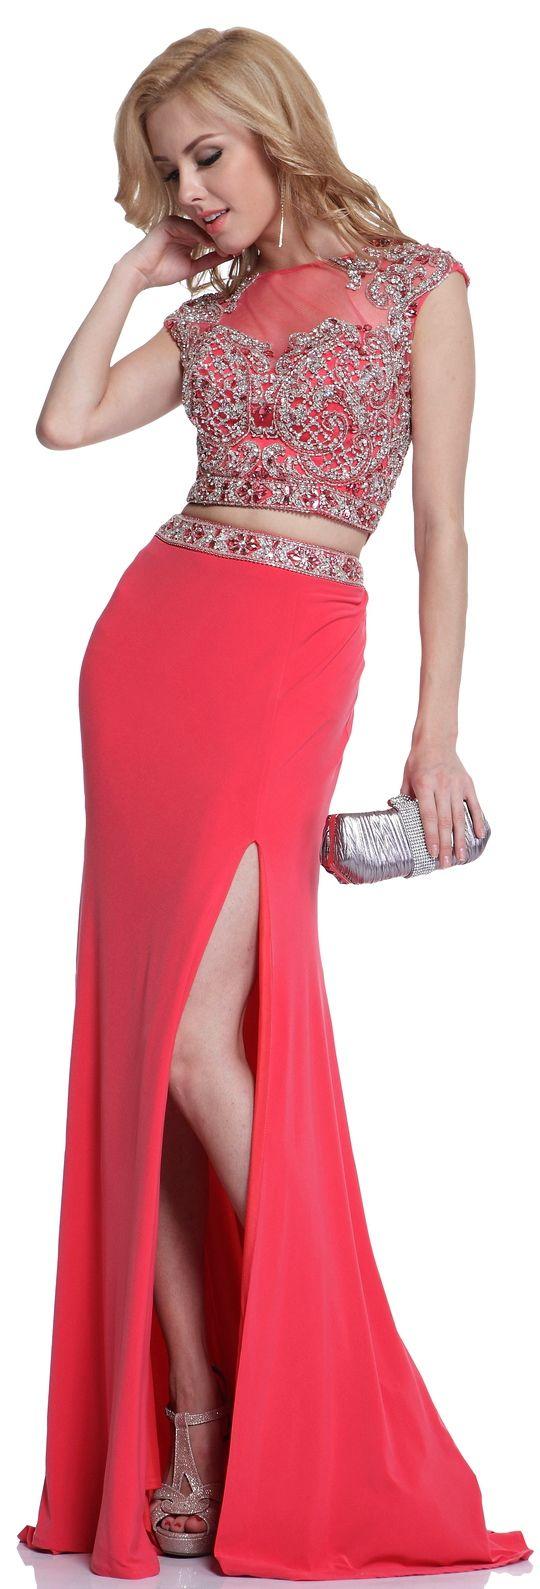 Excepcional Mi Perfecto Vestido De Fiesta Composición - Colección de ...